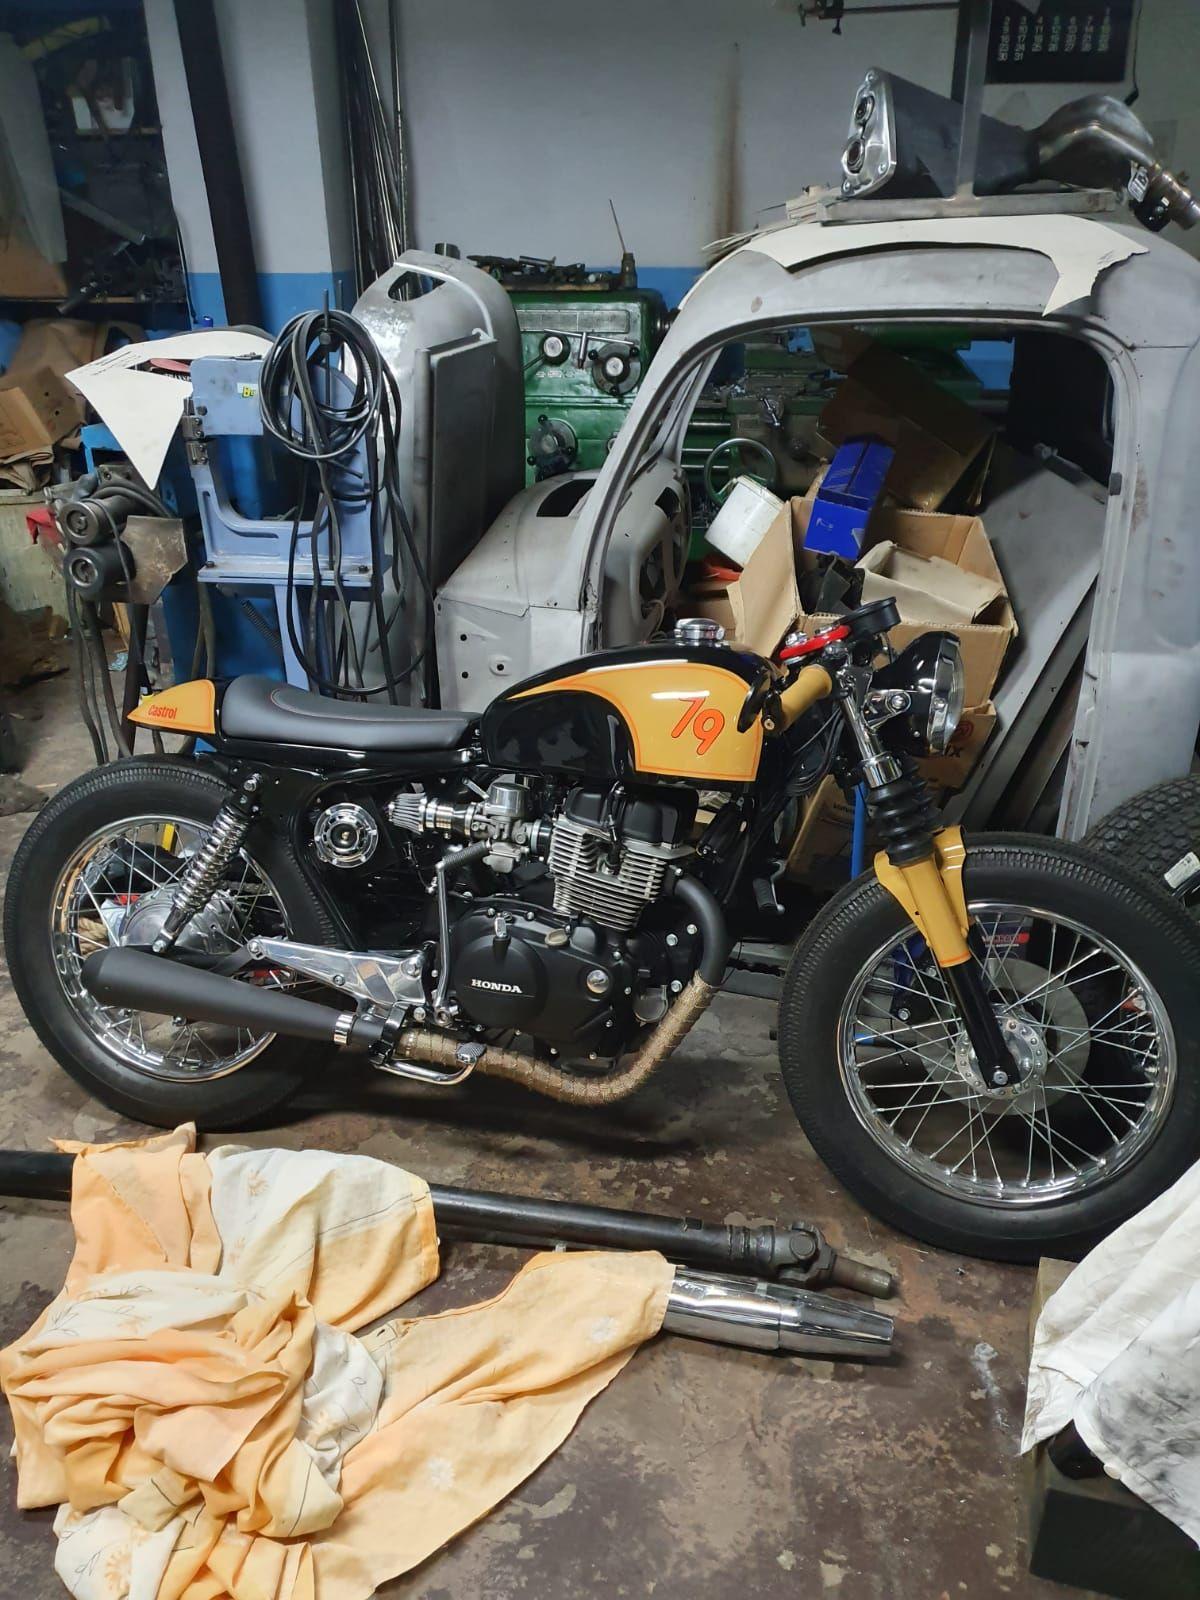 Honda cb250 79 custom cafe racer motorcycles for sale